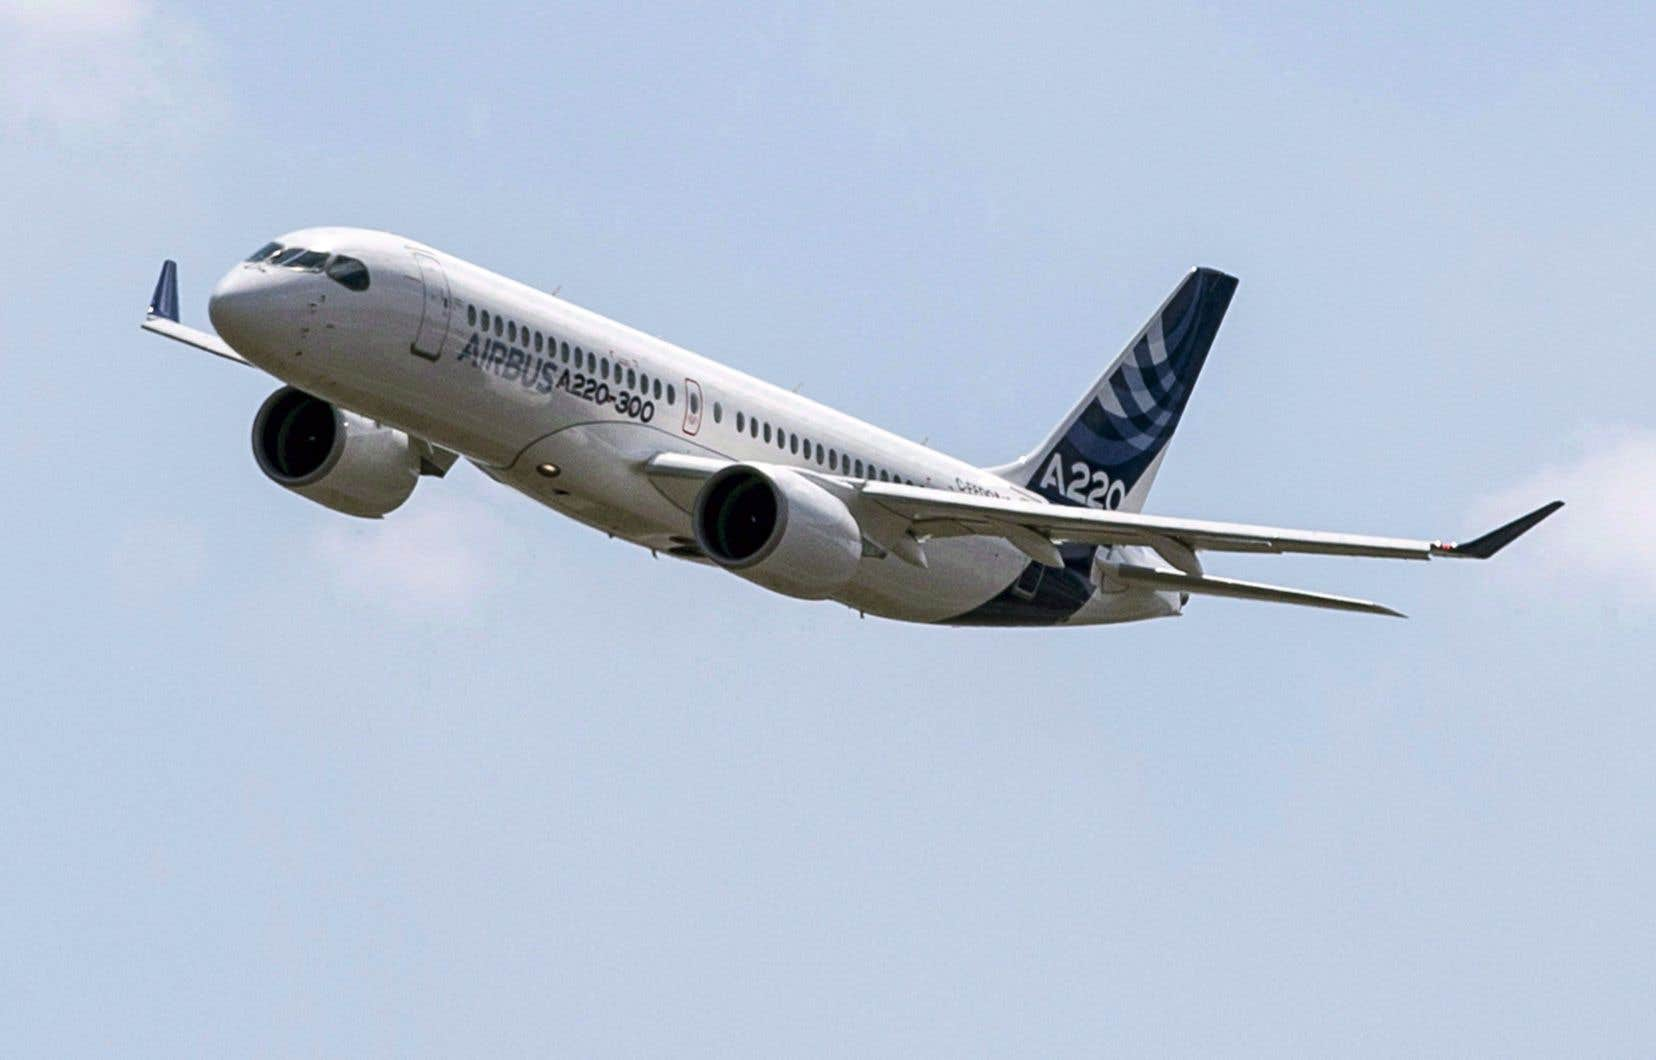 Les lots industriels de Bombardier concernant les avions A220 et A330 seront transférés à Airbus, via sa filiale Stelia Aéronautique, ce qui maintiendra 360 emplois au Québec.